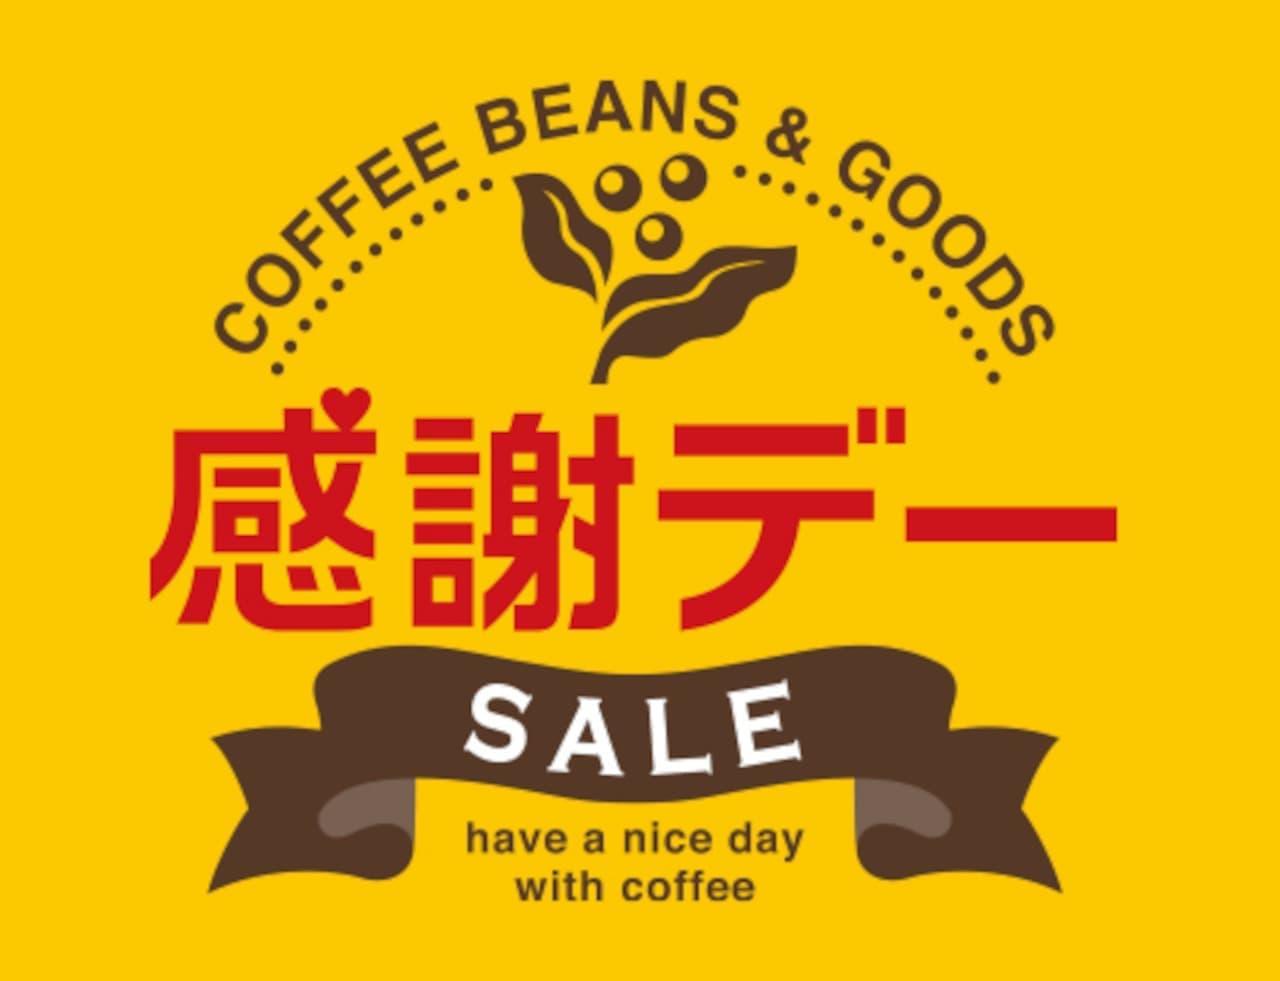 ドトール コーヒー豆など10%引きの「感謝デー」